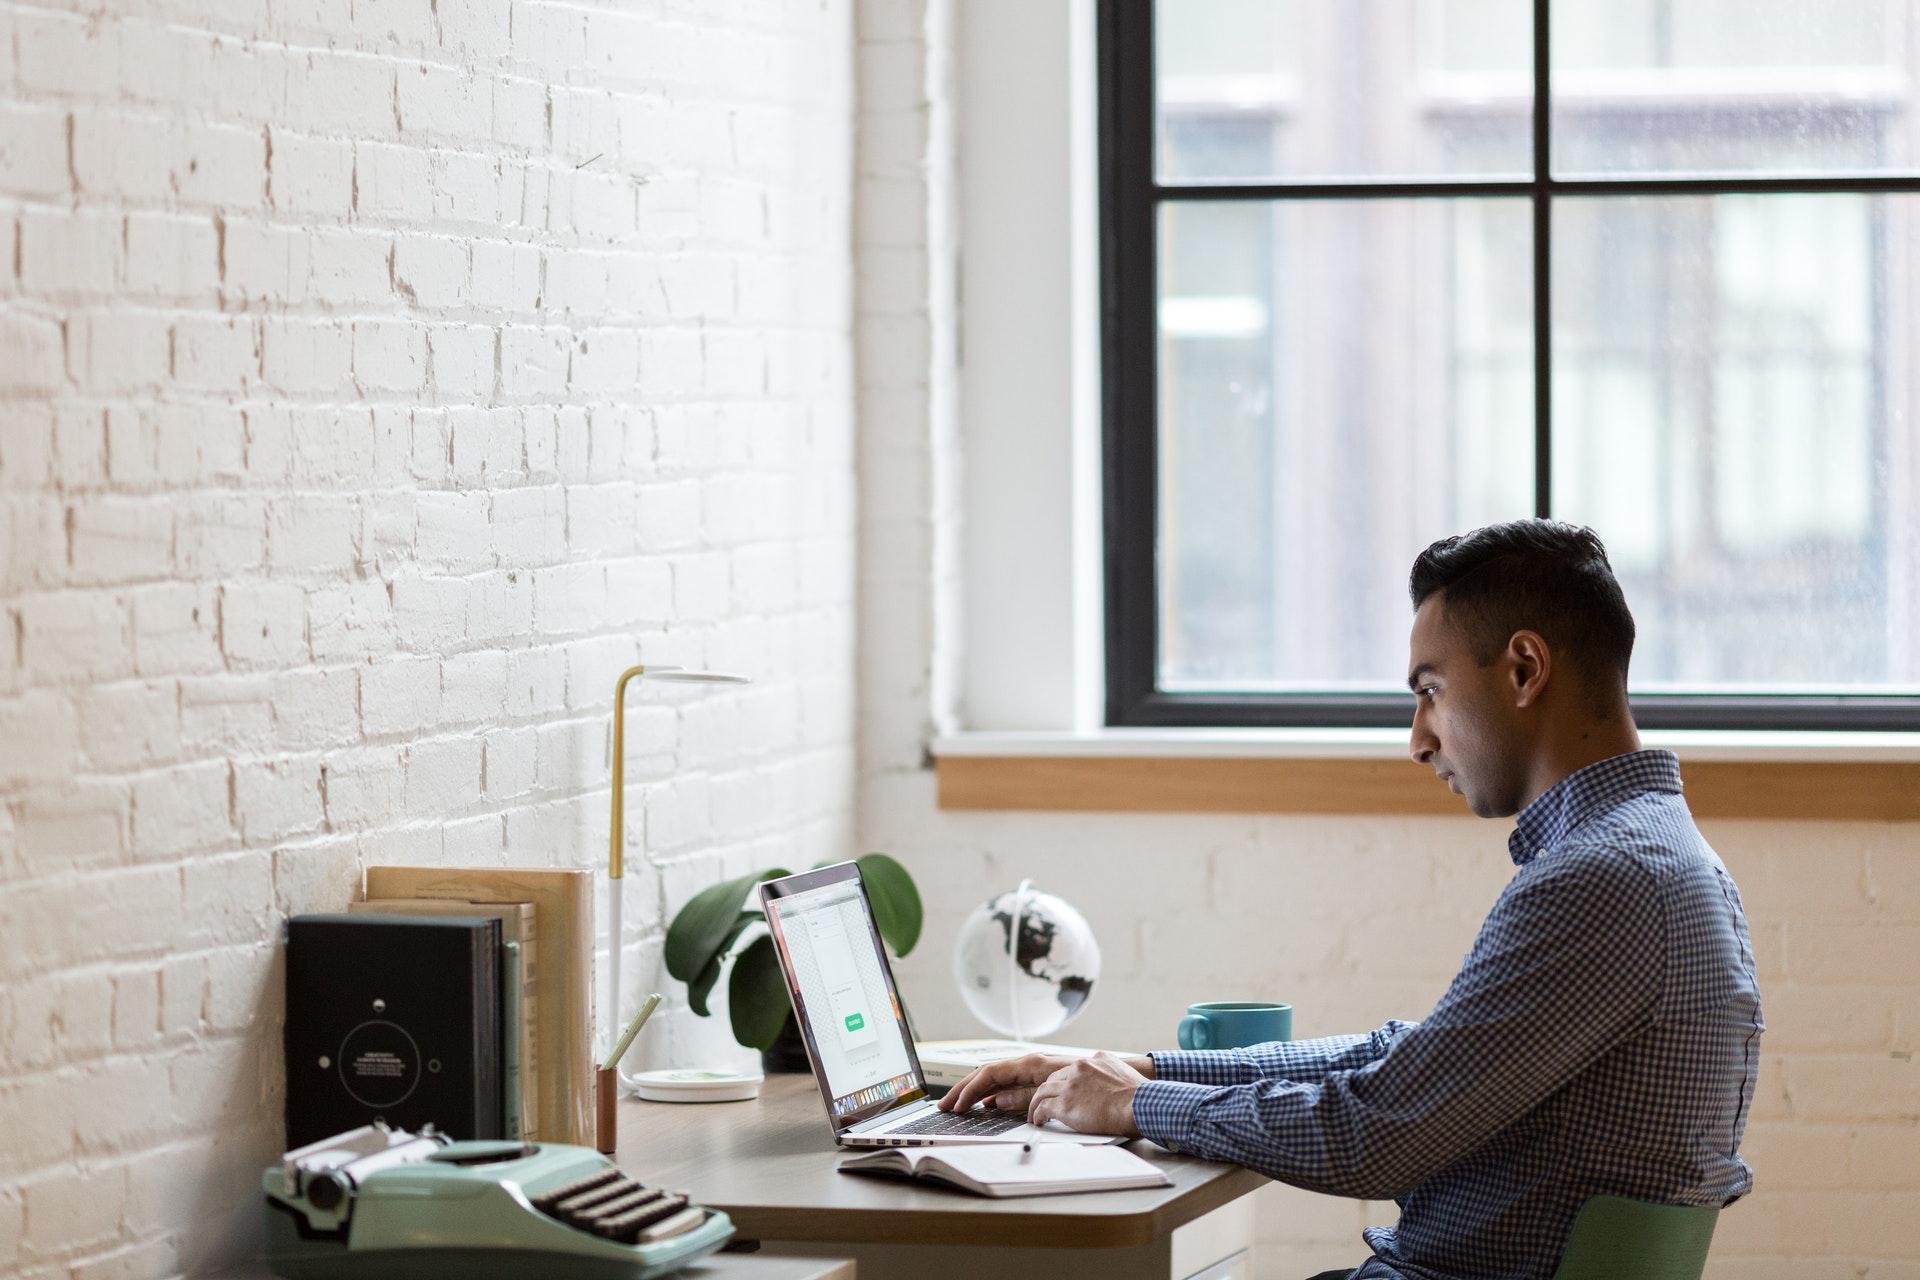 Короткие перерывы в работе помогут снизить риск развития диабета